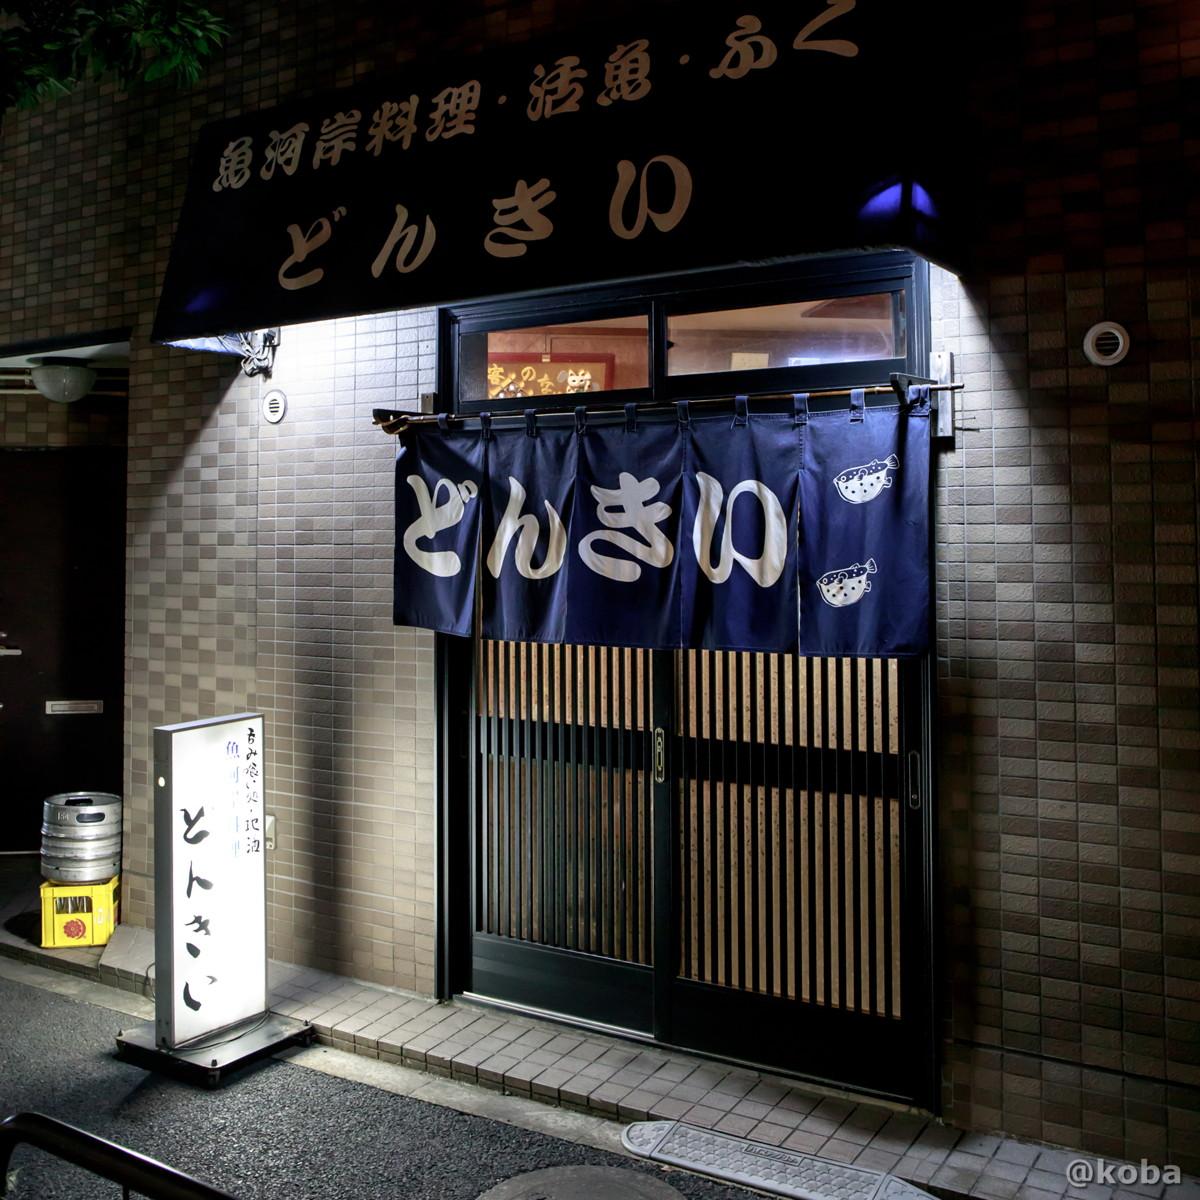 外観の写真 どんきい 和食(魚河岸料理 活魚 ふぐ)居酒屋 東京 葛飾区 新小岩